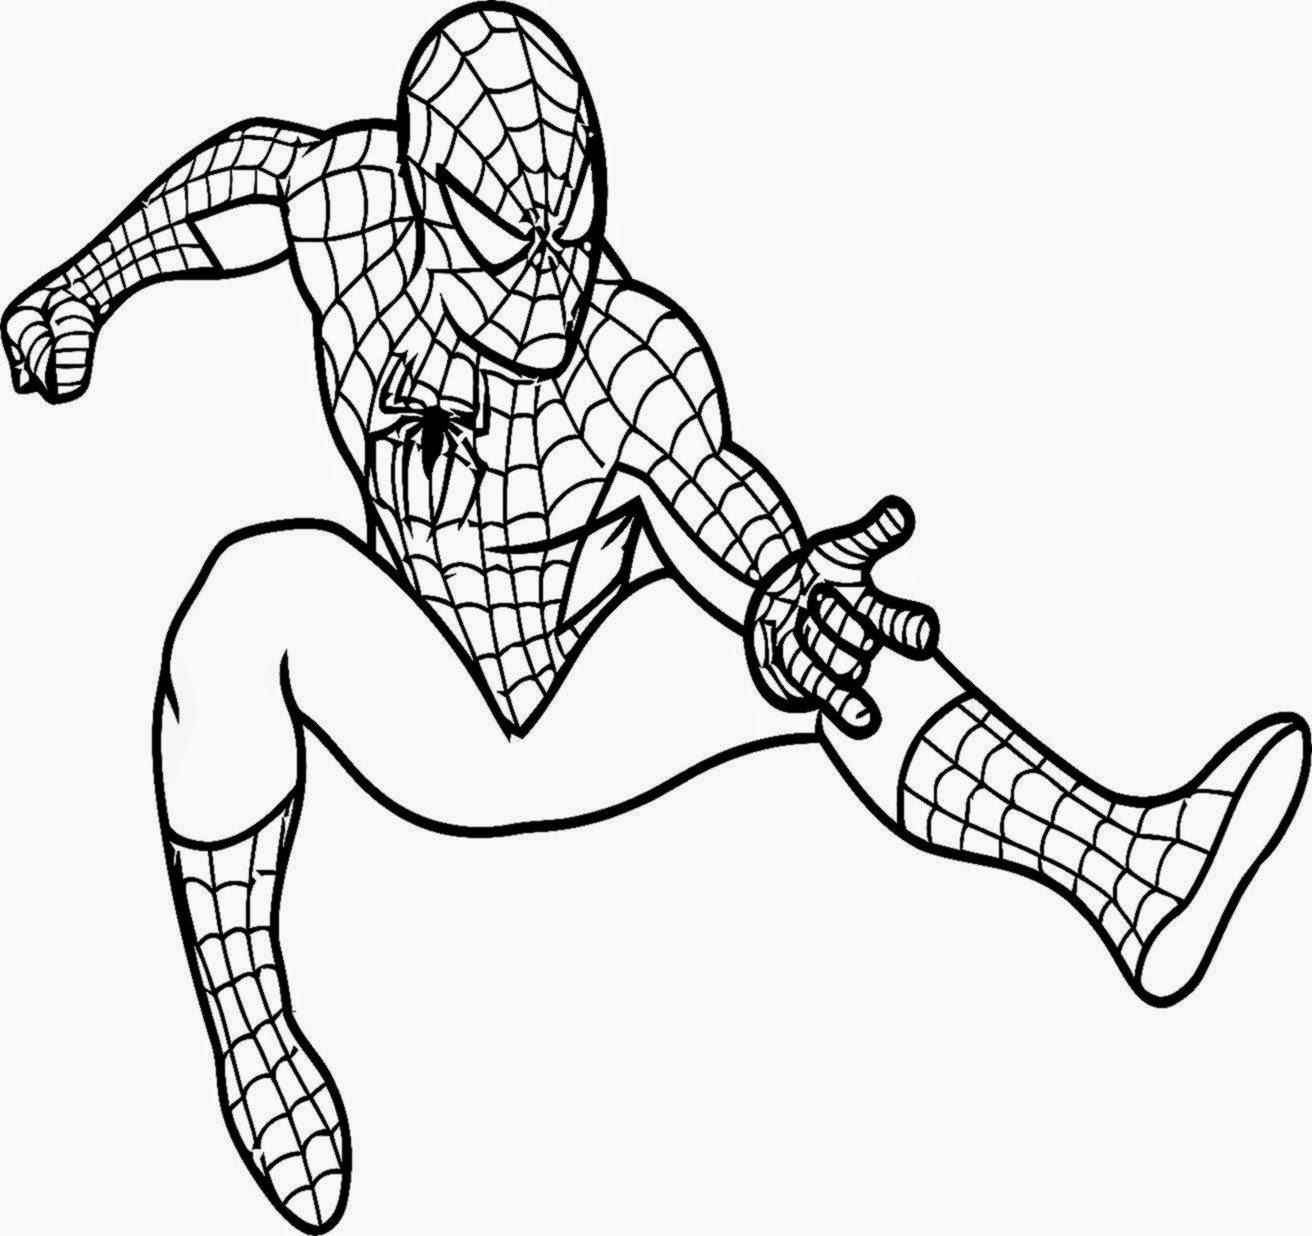 1312x1236 Printable Spiderman Coloring Page Free Printable Black Spiderman